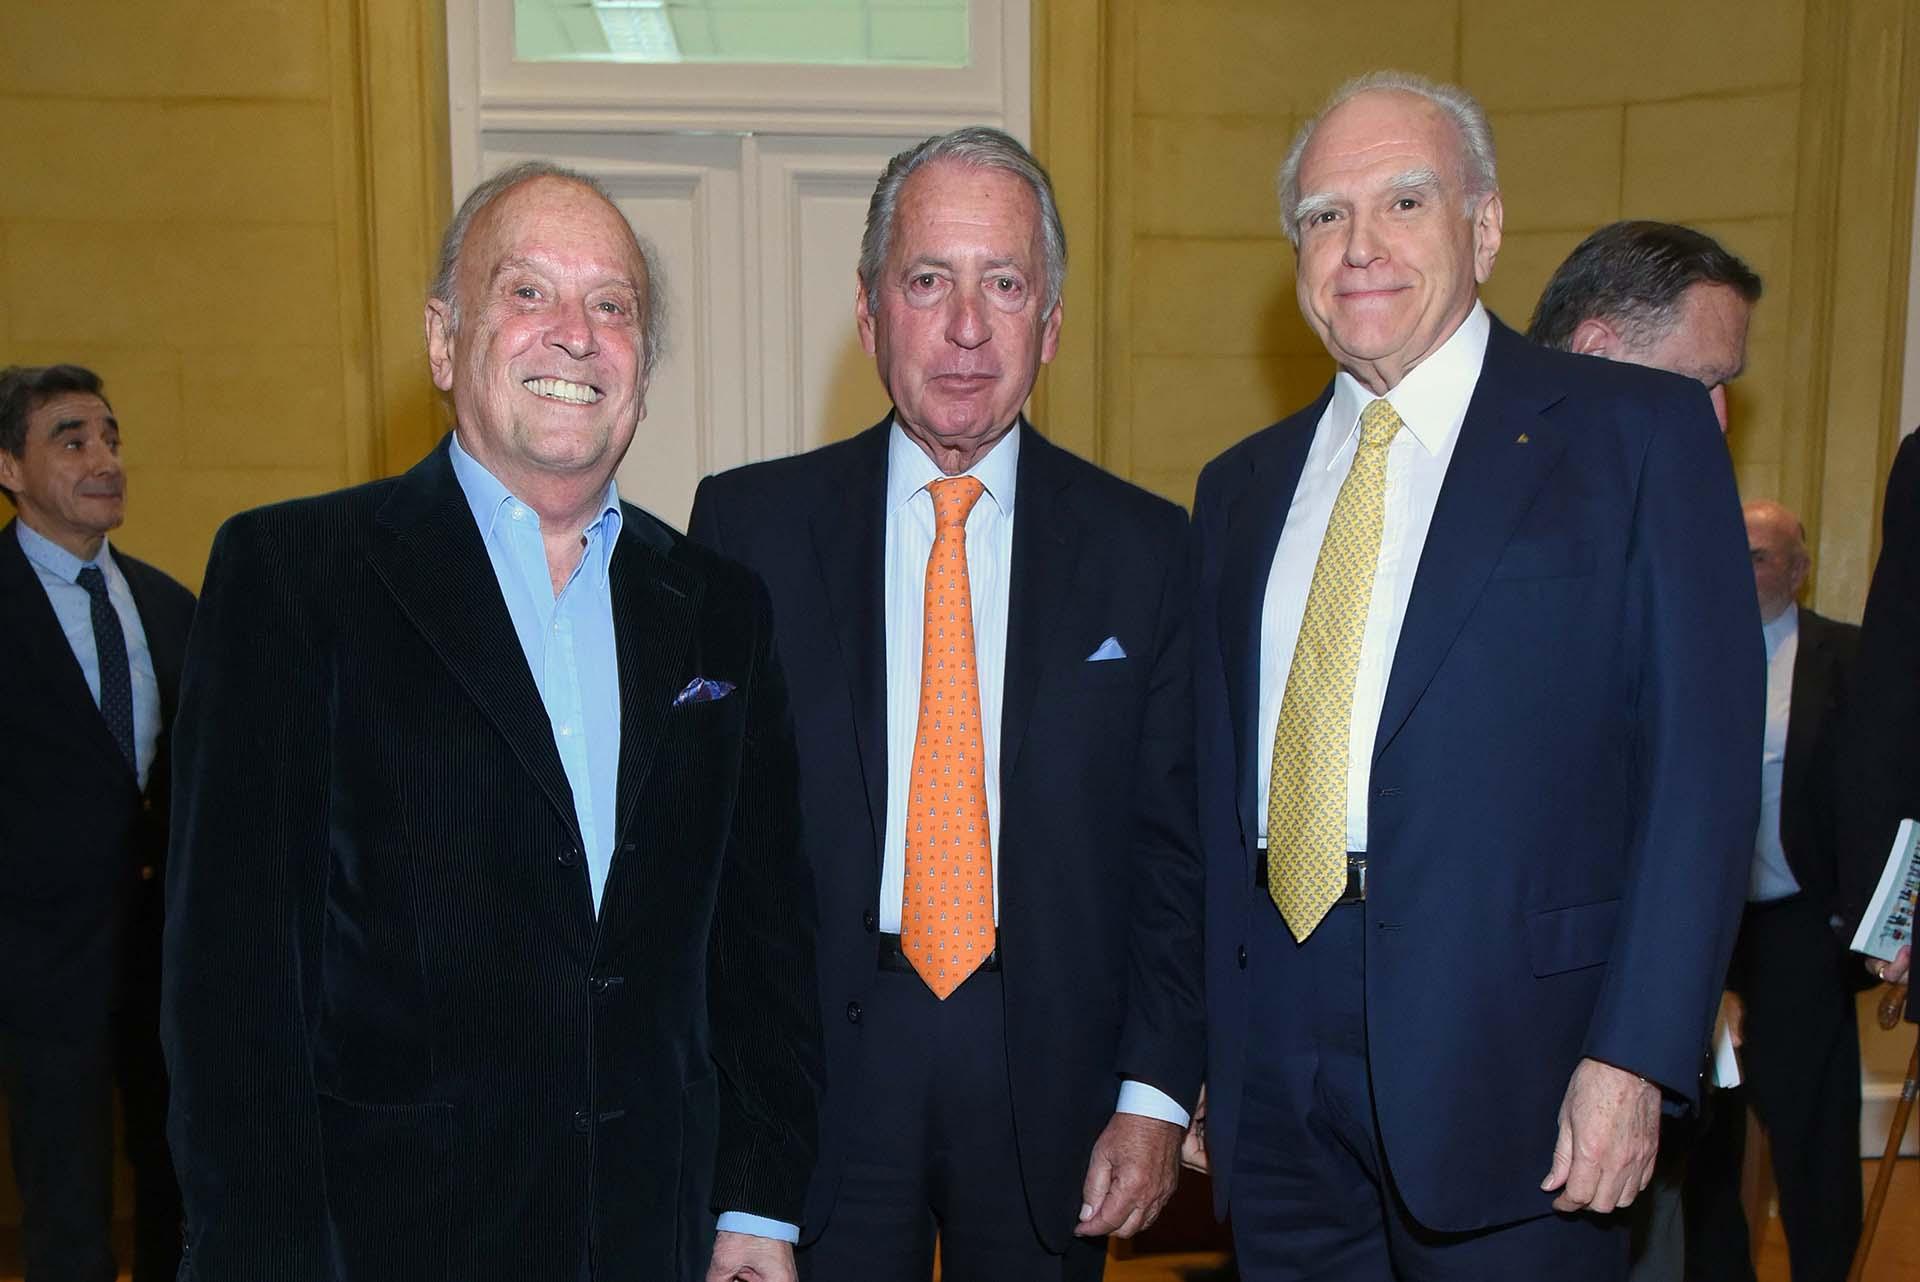 Héctor Cavallero, director de la Fundación UADE; Daniel Funes de Rioja y Sebastián Bagó